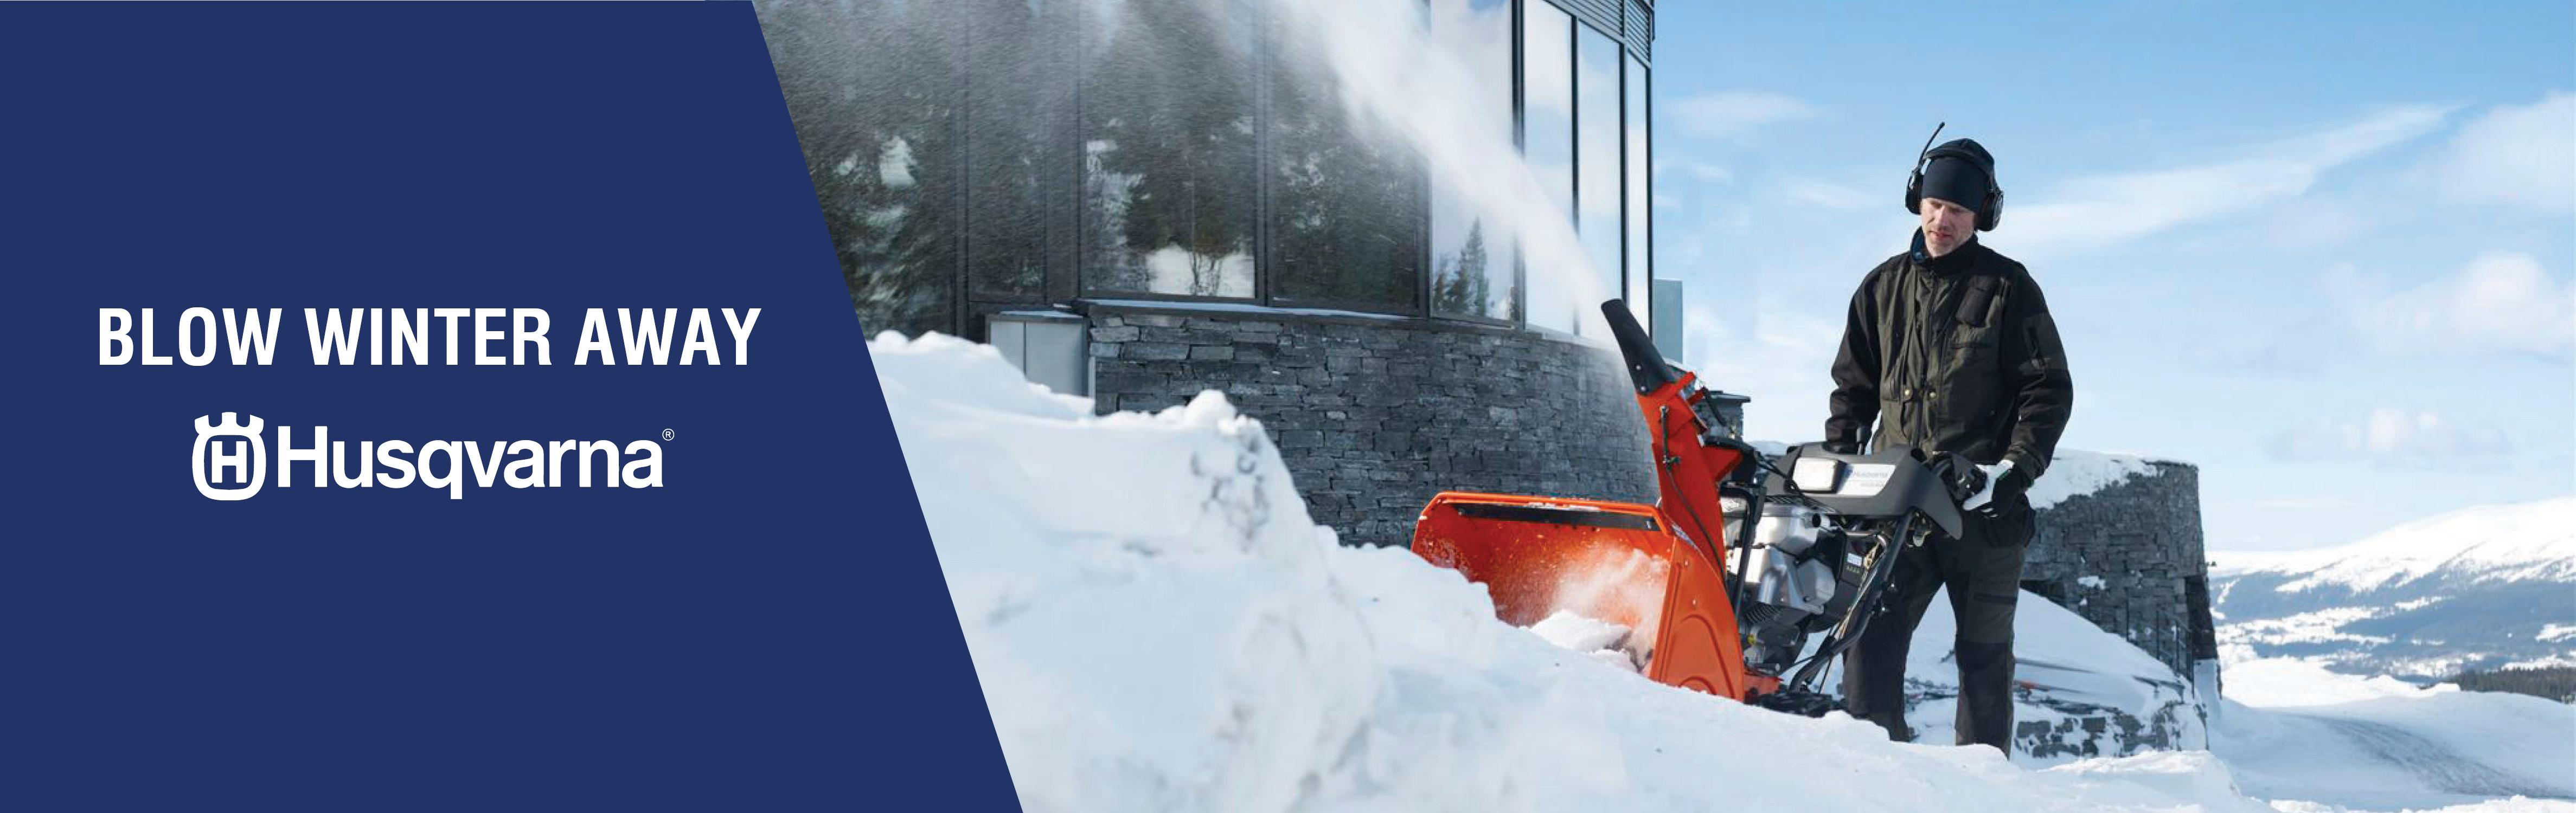 Sliders-Snowblowers-Power-Equipment2-1